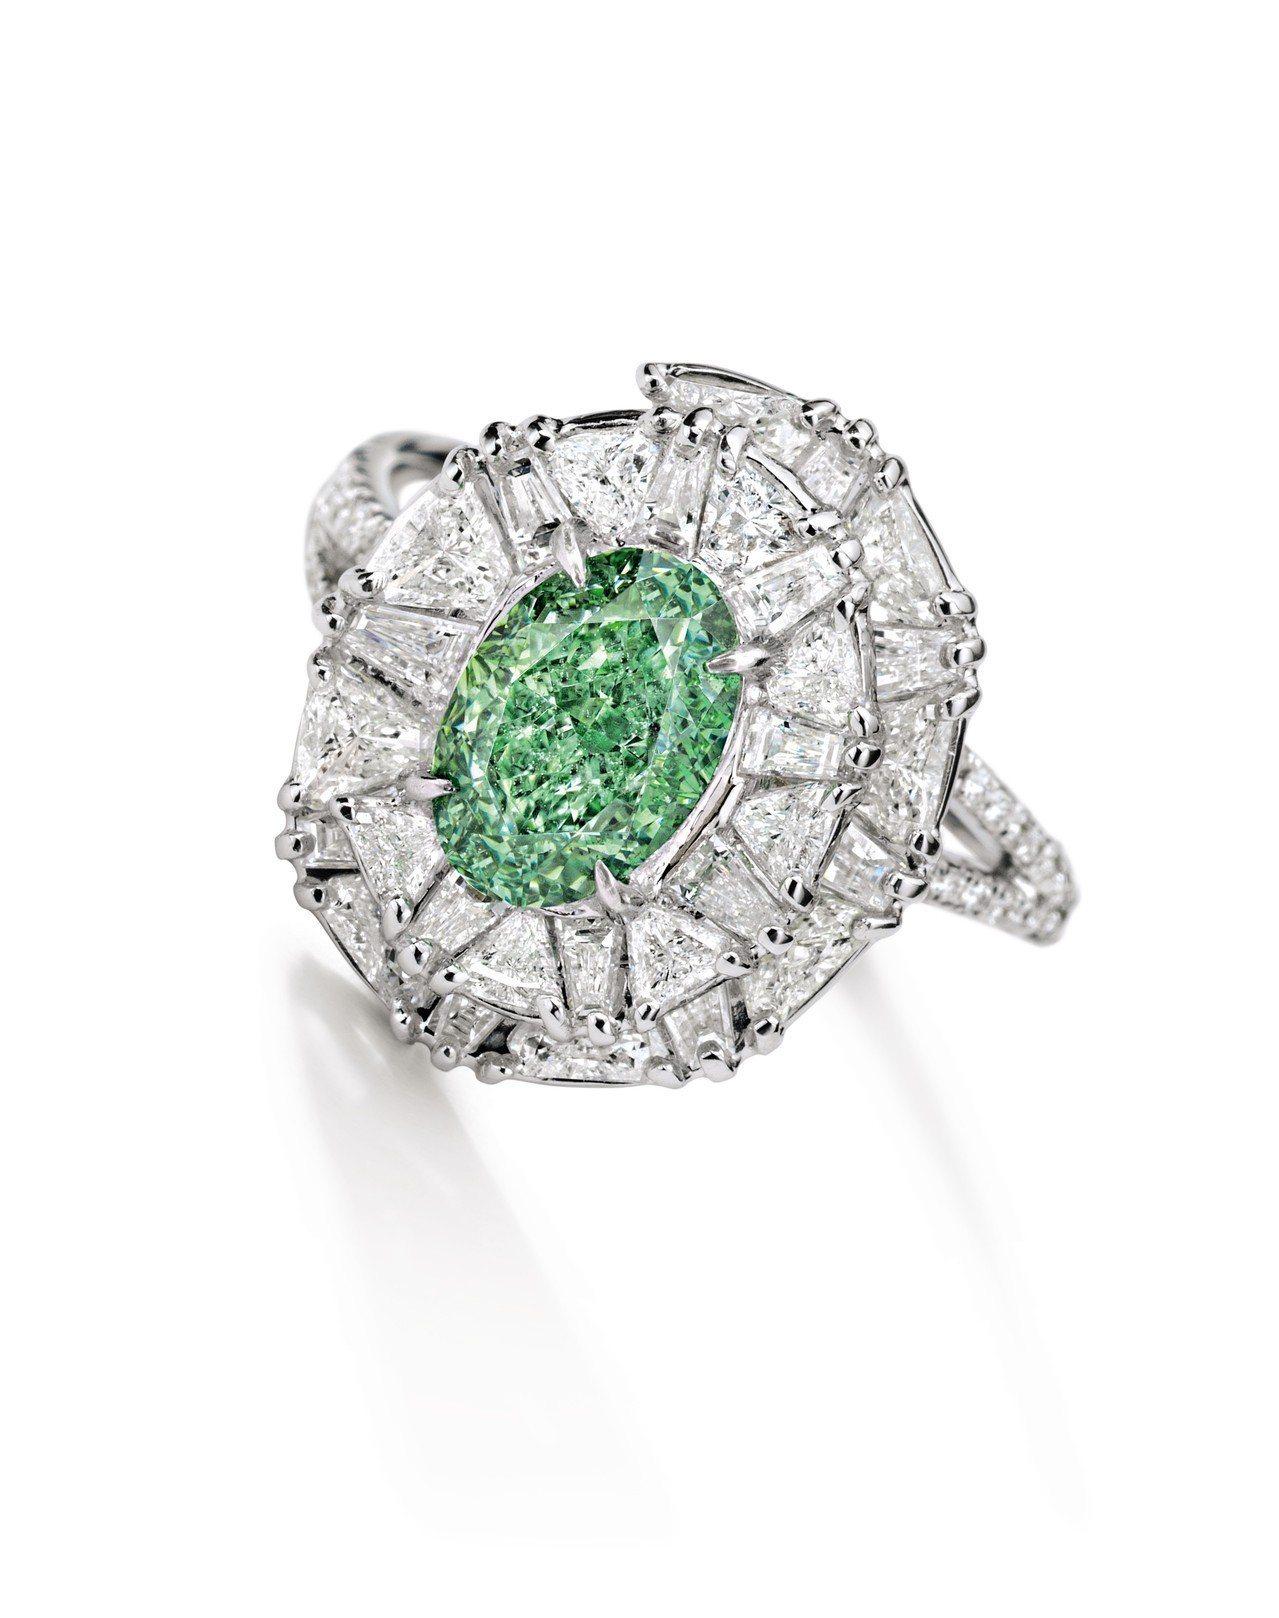 1.53 克拉艷彩綠色VS2淨度鑽石戒指,估價約4,700萬元。圖/蘇富比提供